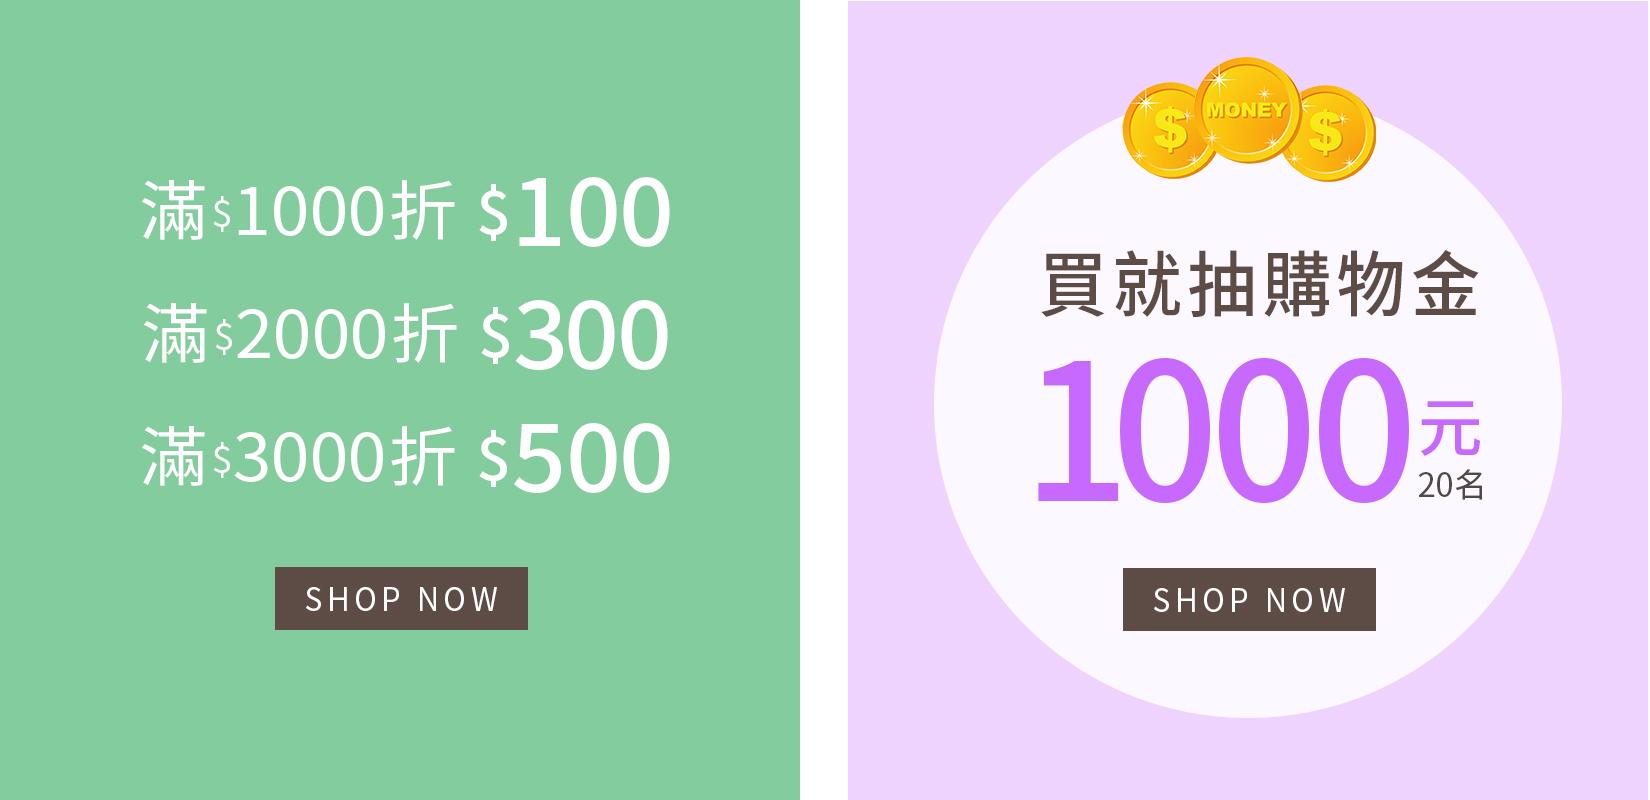 週週抽1,000元購物金活動辦法